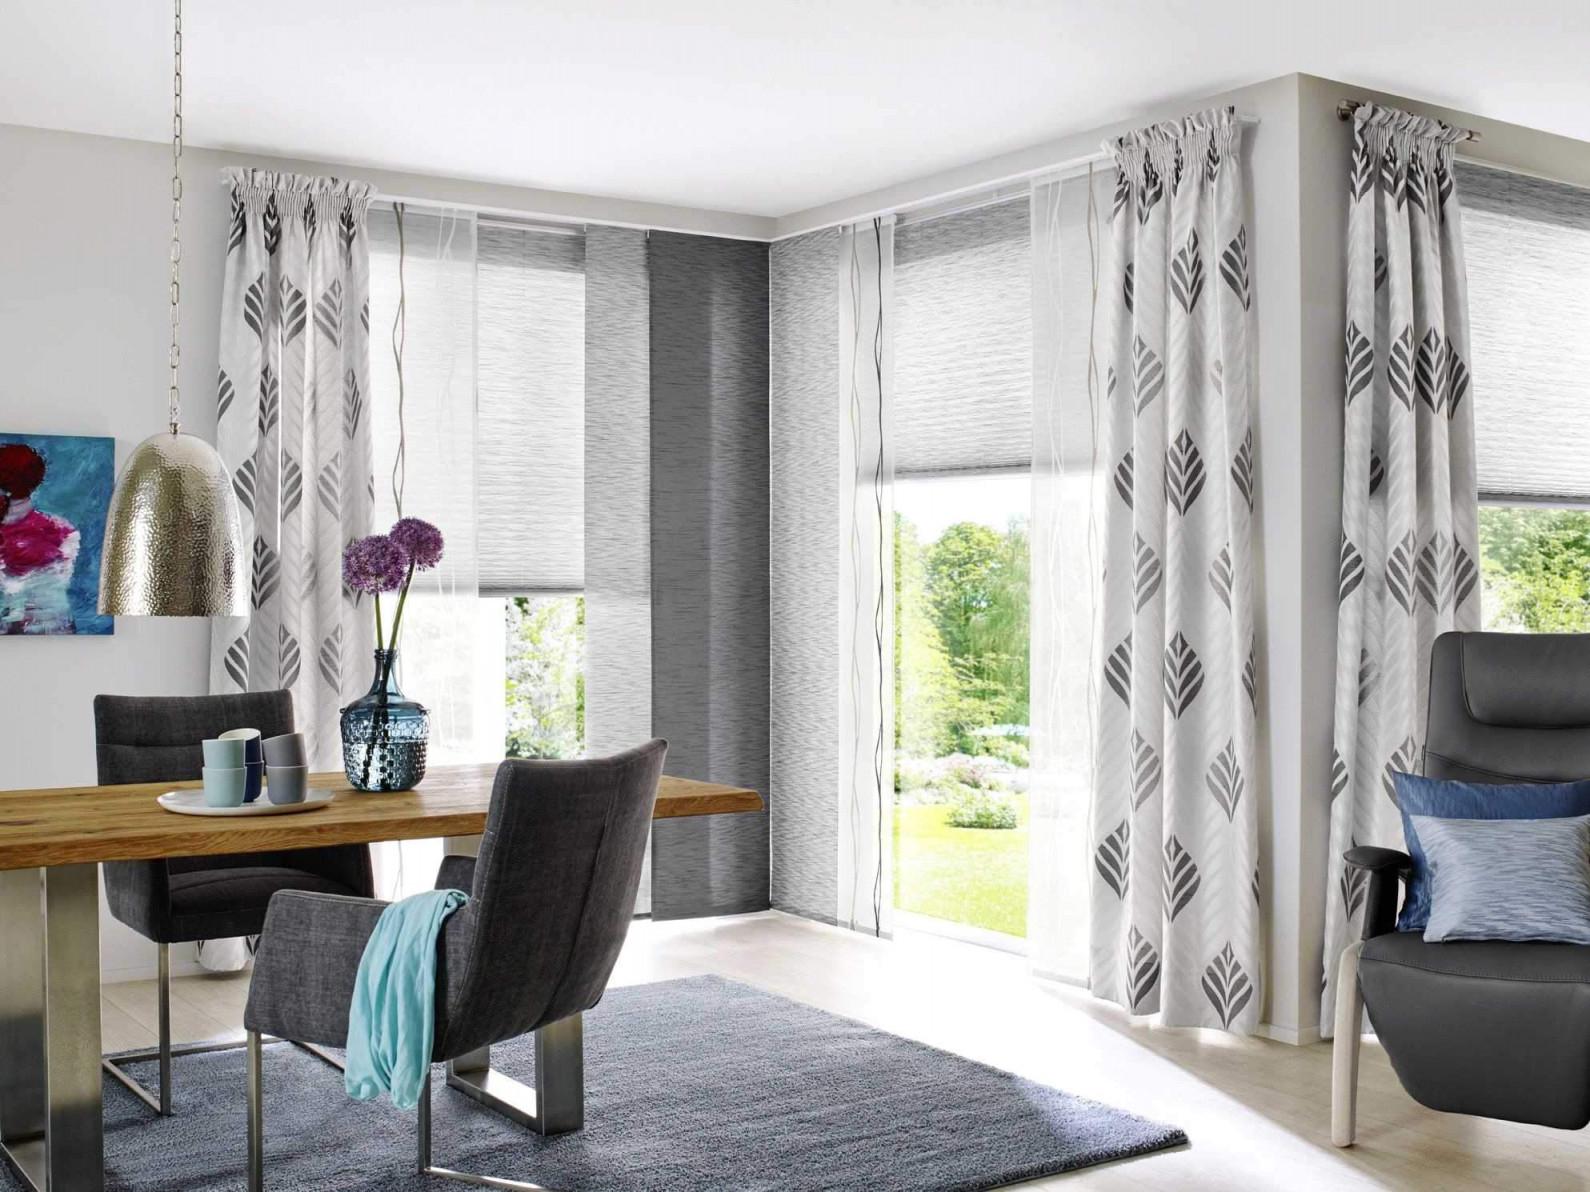 32 Einzigartig Gardinen Wohnzimmer Modern Ideen Schön von Gardinen Modern Wohnzimmer Bild